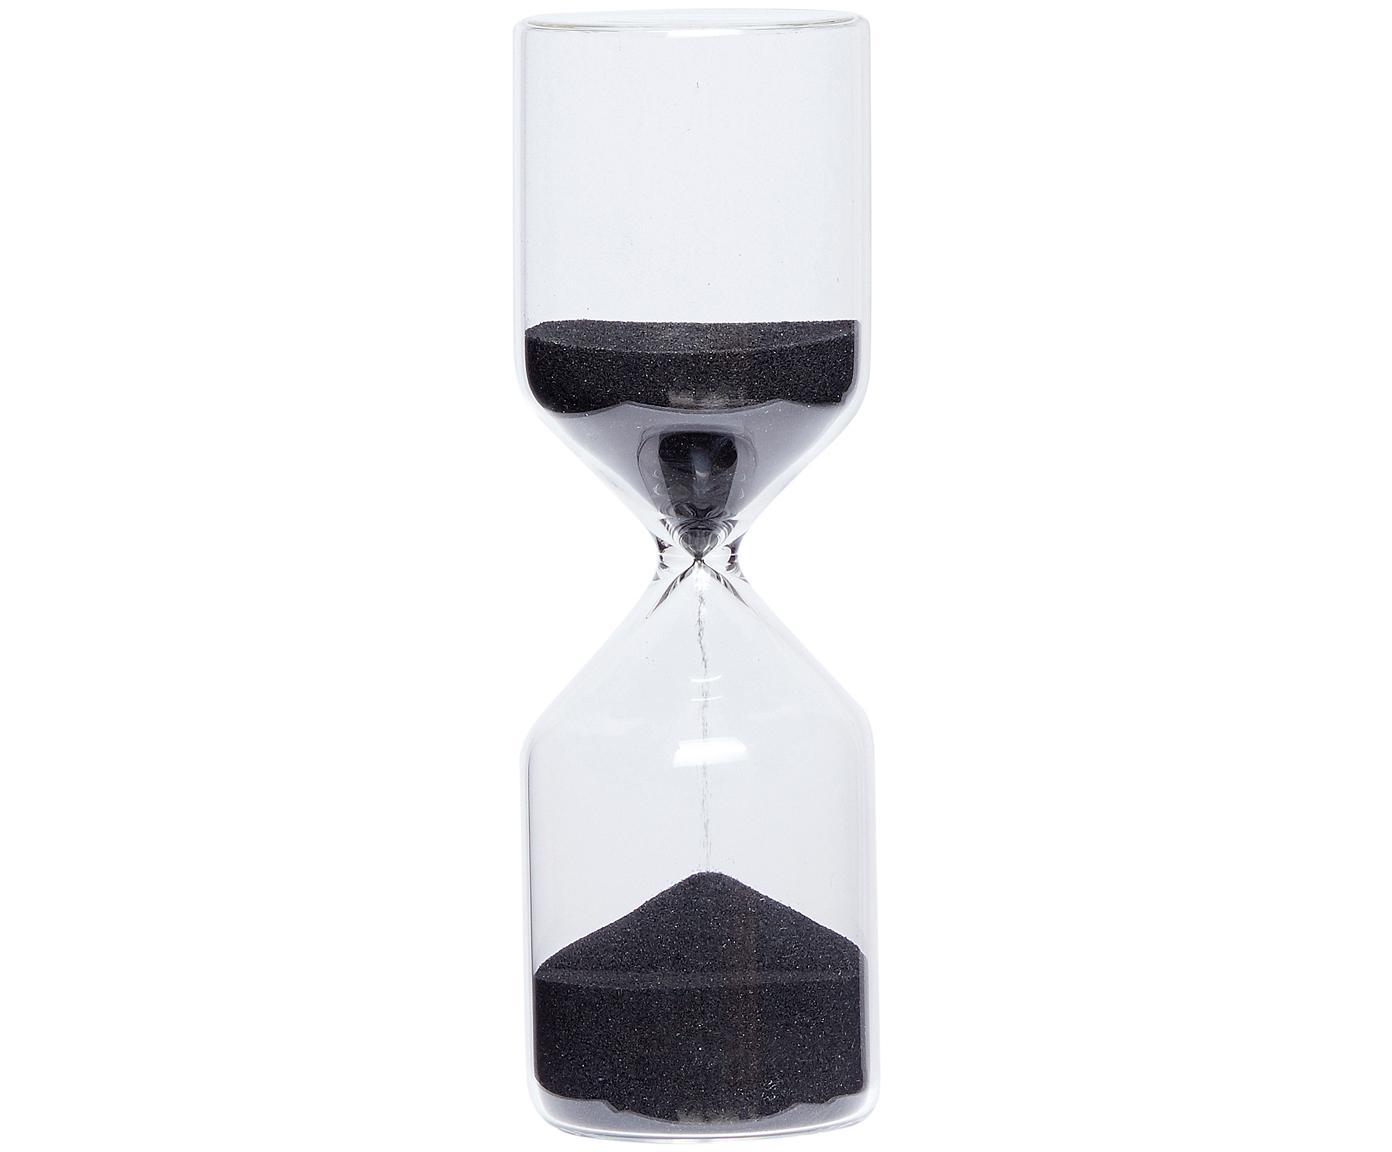 Sanduhr Fugit, Glas, Sanduhr: TransparentSand: Schwarz, Ø 6 x H 18 cm